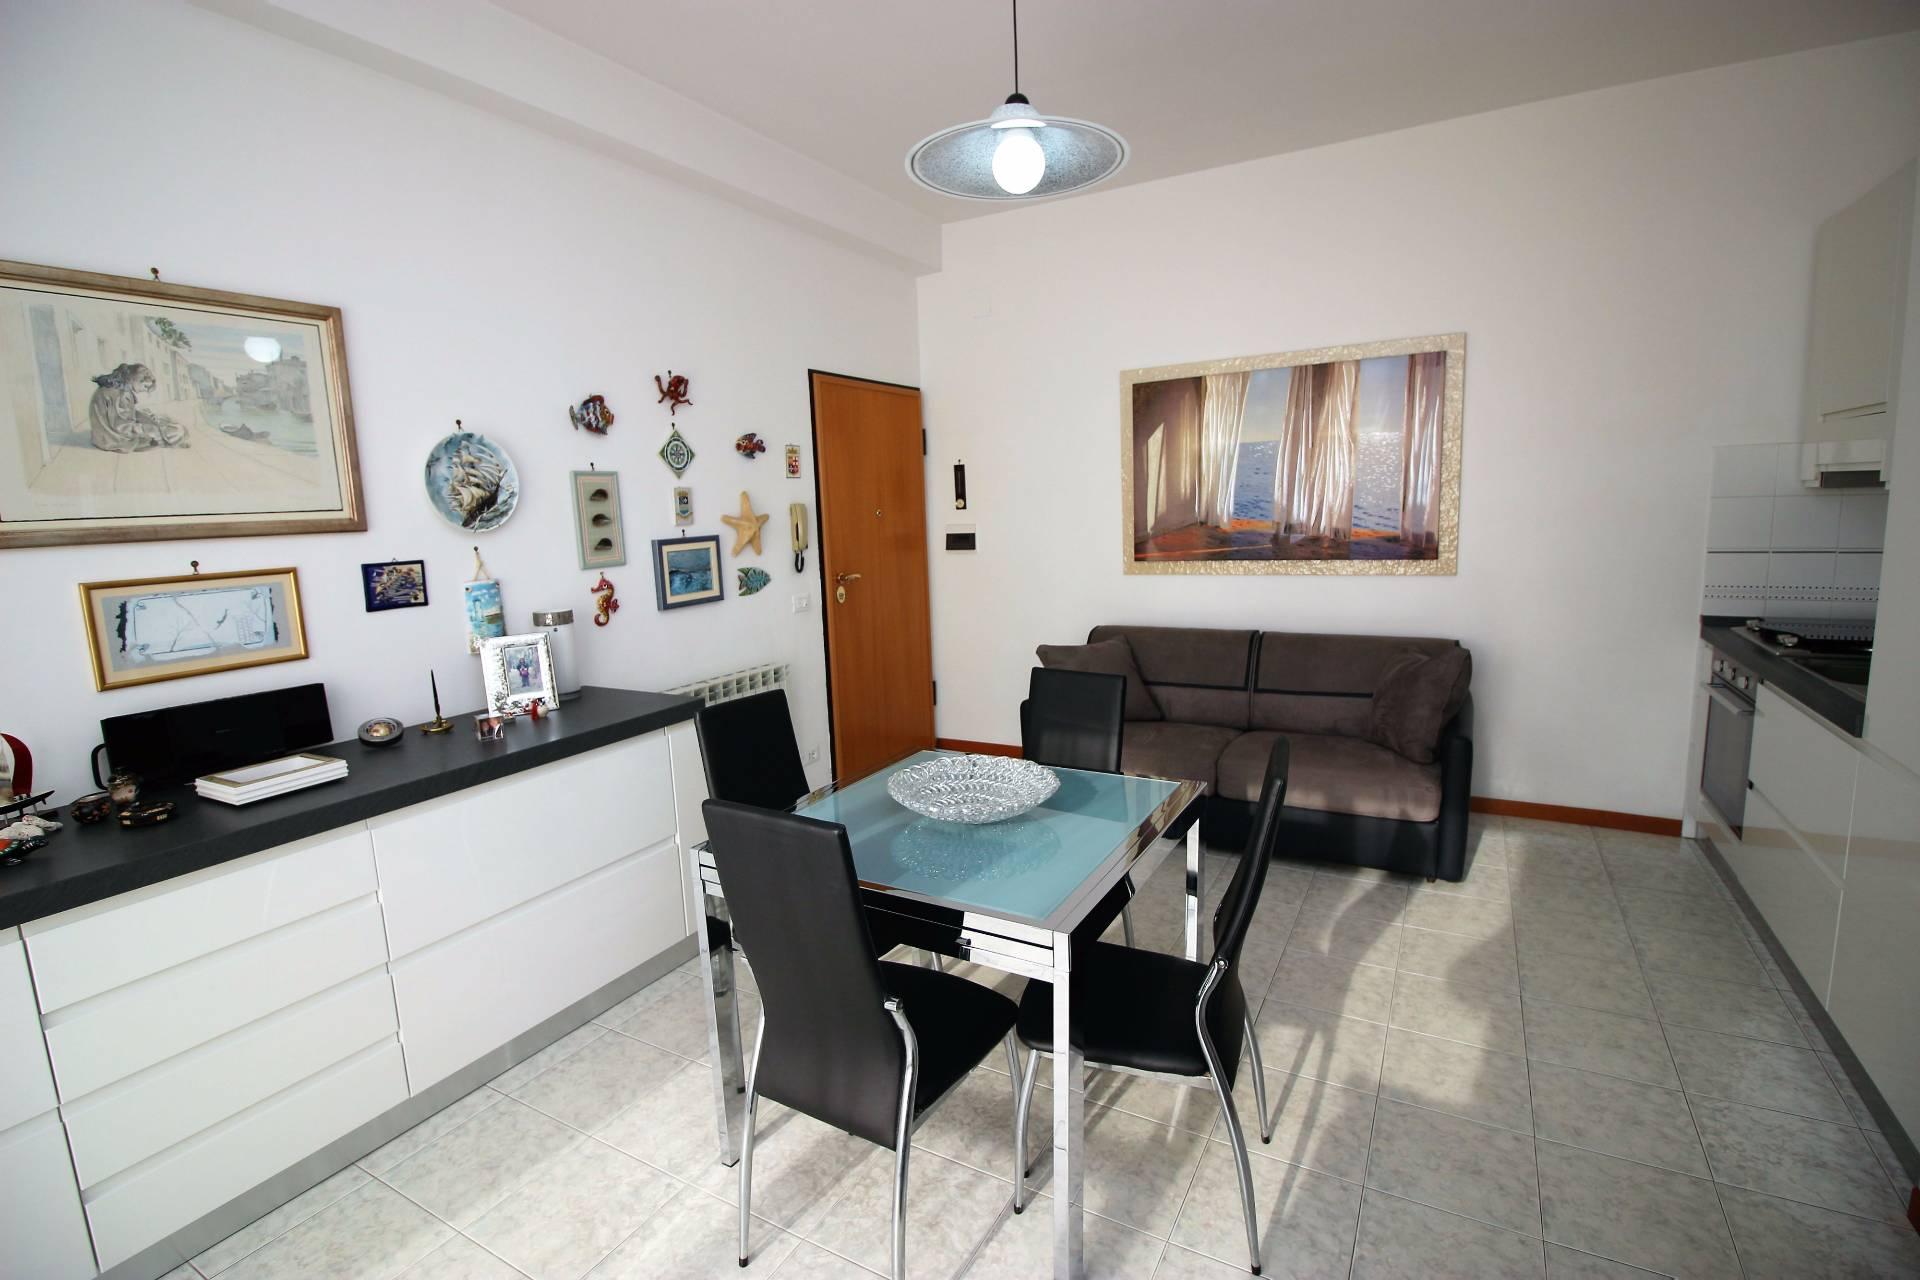 Appartamento in vendita a Tortoreto, 3 locali, zona Località: ZonaMare, prezzo € 129.000   Cambio Casa.it